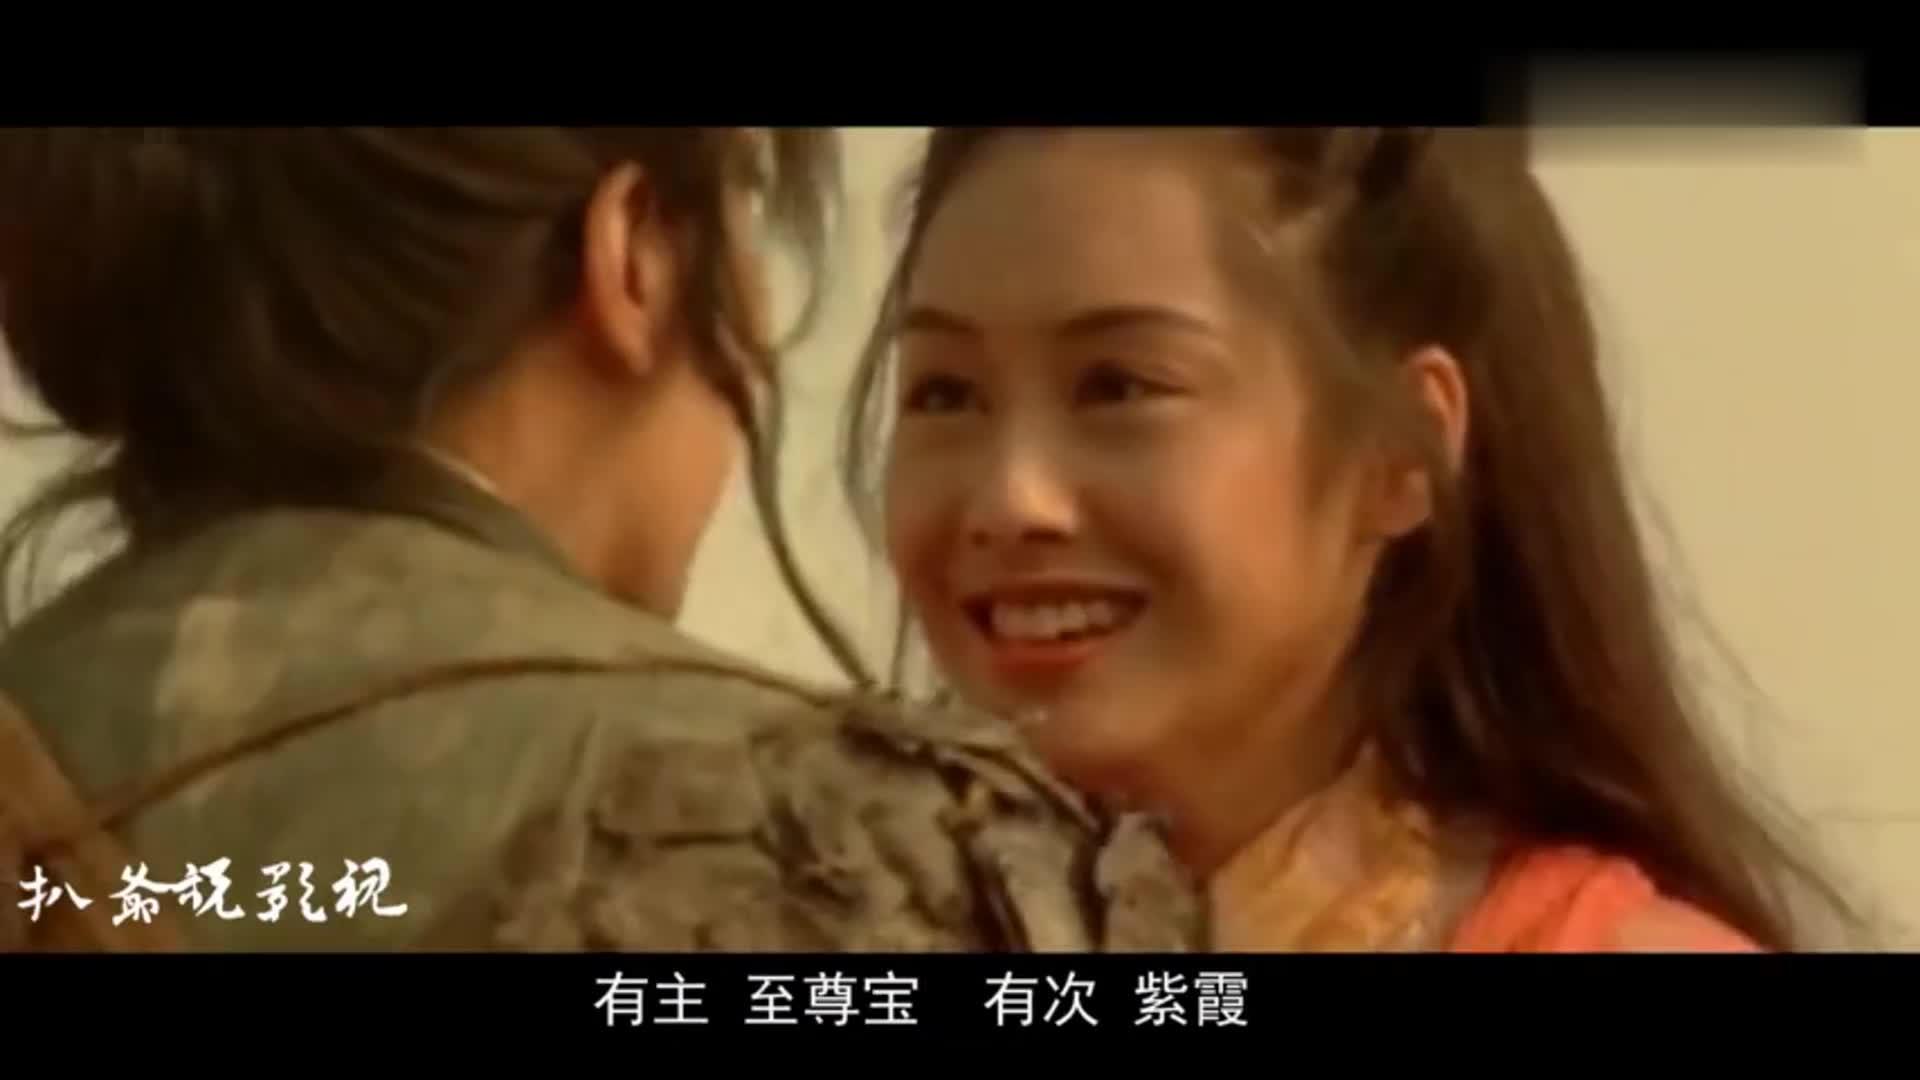 #影视#《大话西游之大圣娶亲》:不谈情怀,真的如观众吹捧的那么好吗?